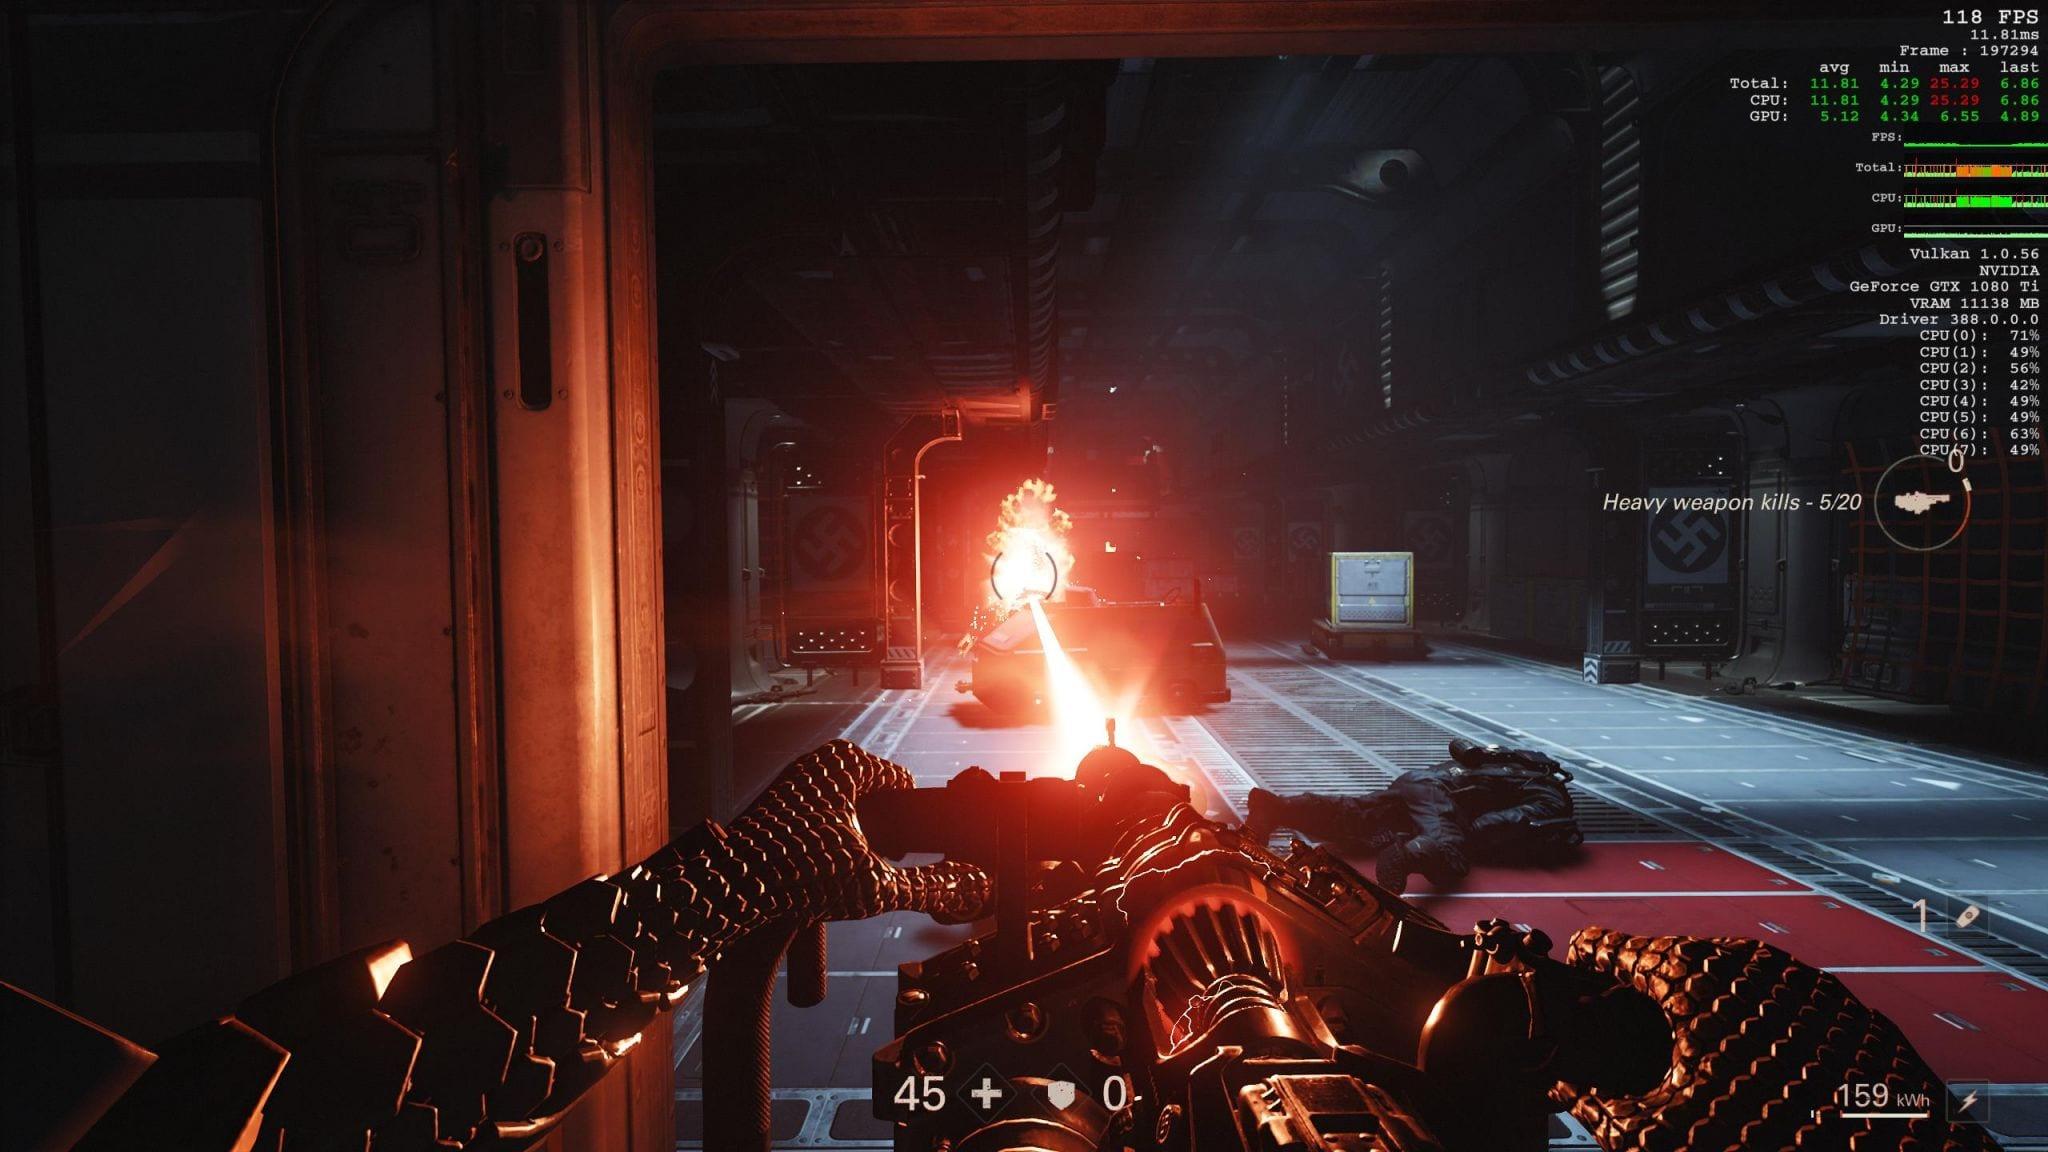 Wolfenstein 2 - The New Colossus Preview - Die Technik und